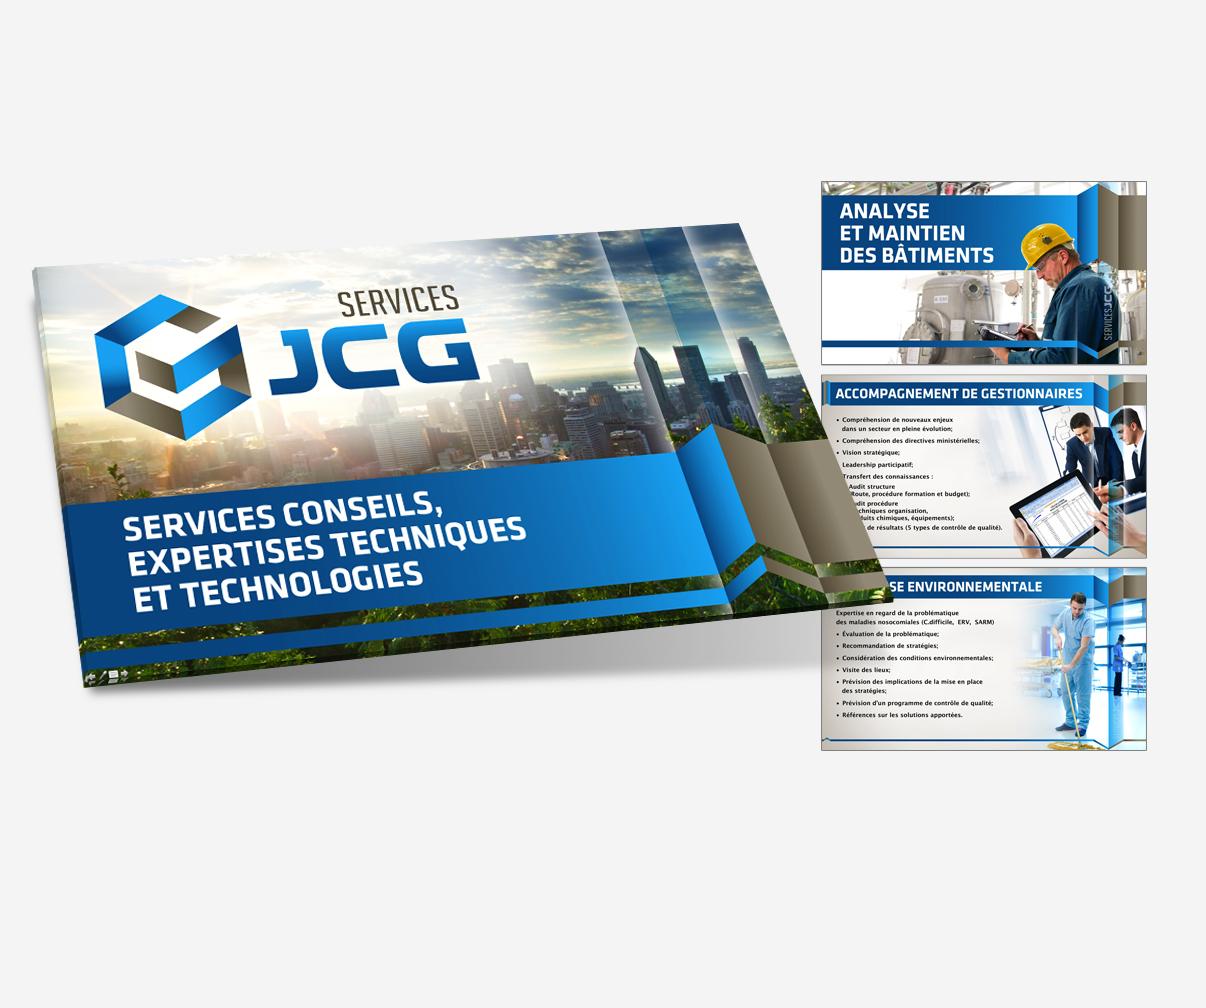 Services JCG - Présentation PowerPoint